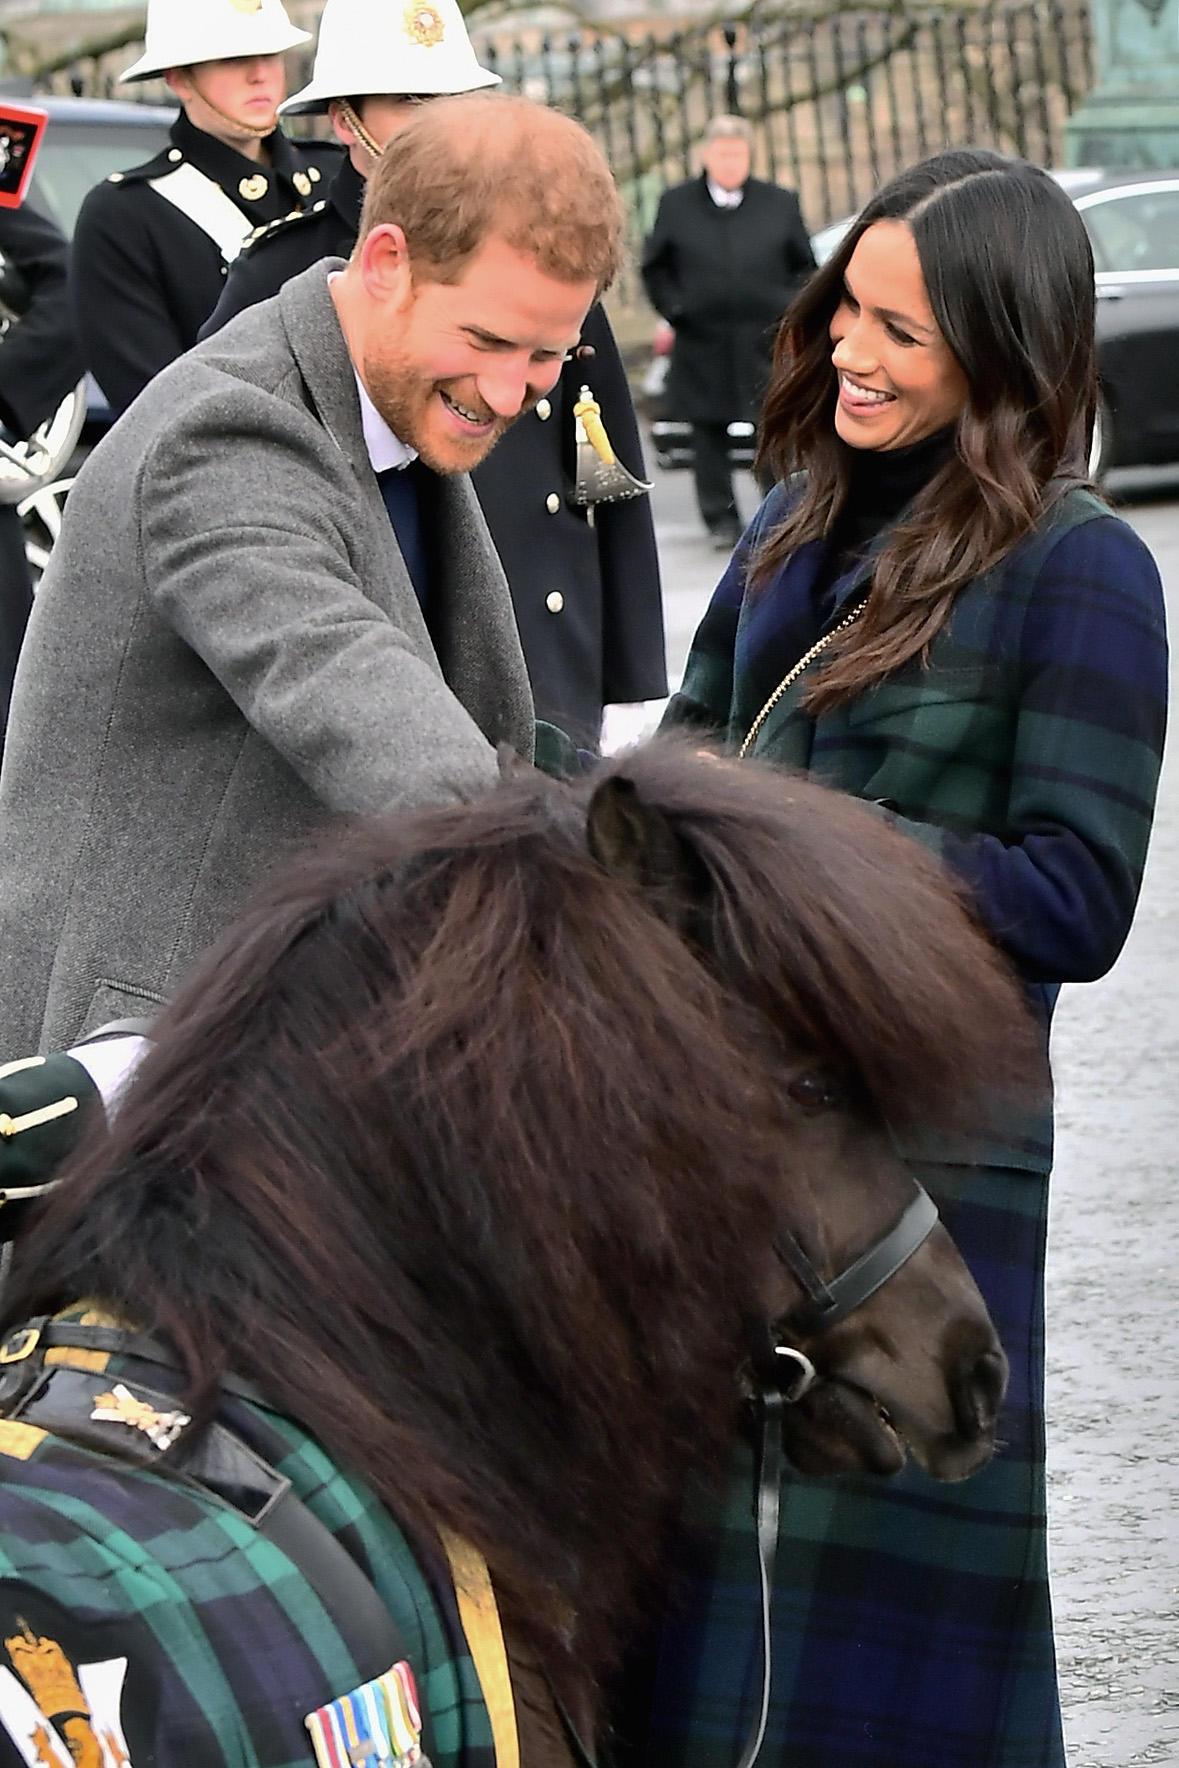 Sowohl Prinz Harry als auch Herzogin Meghan sind sehr tierlieb: Beim Besuch in Schottland freunden sie sich mit einem Schettland-Pony an.